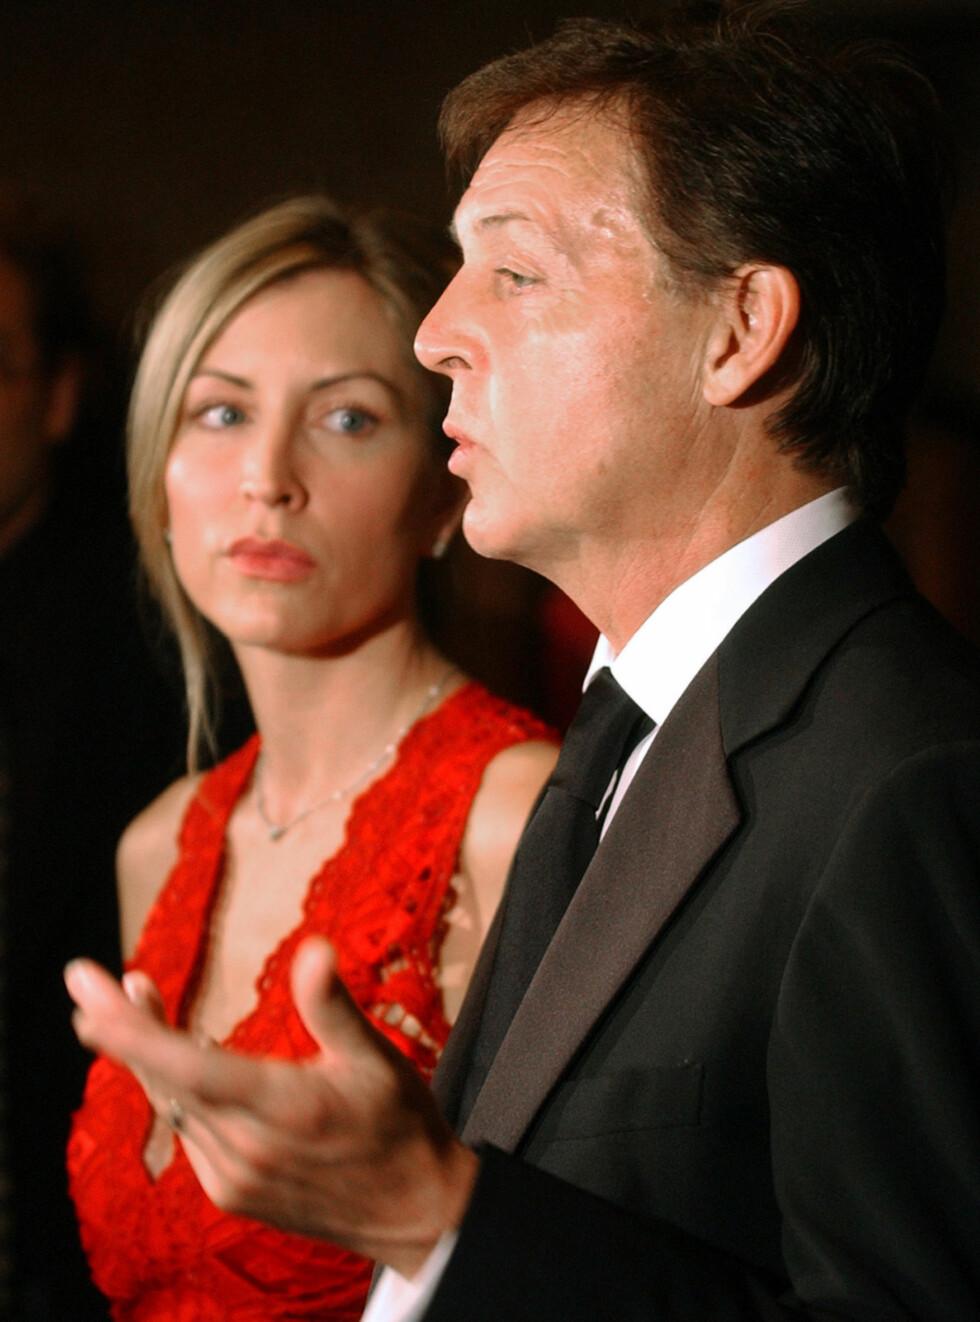 BITTERT: Skilsmissen mellom Paul og Heather blir skitnere og skitnere for hver dag som går. Foto: AP